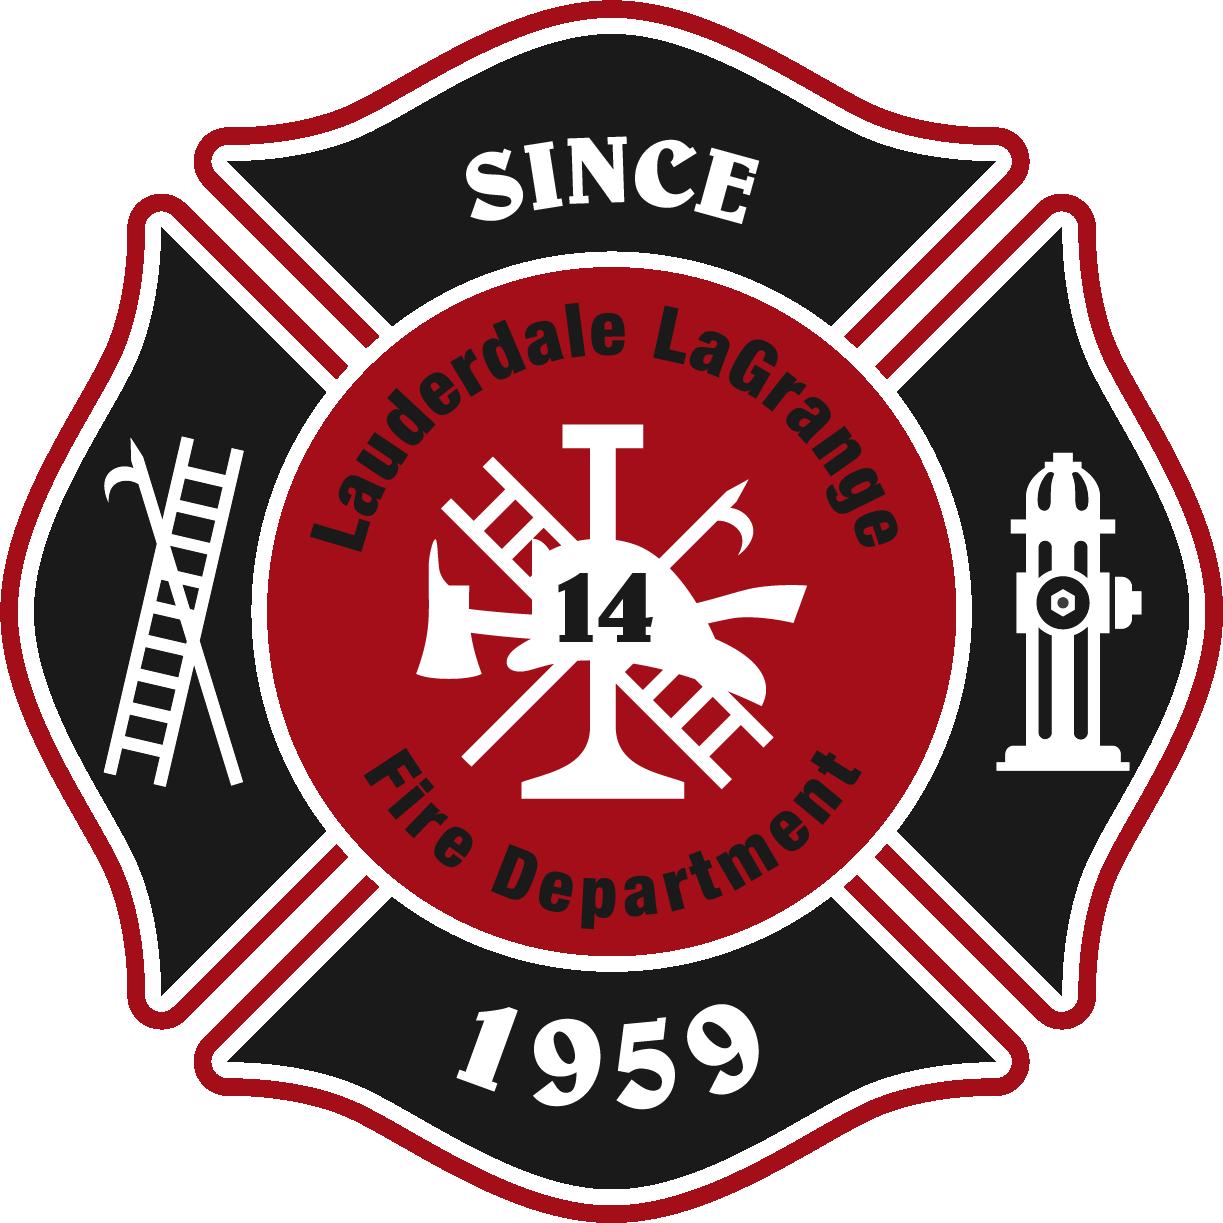 Lauderdale La-Grange Fire Department